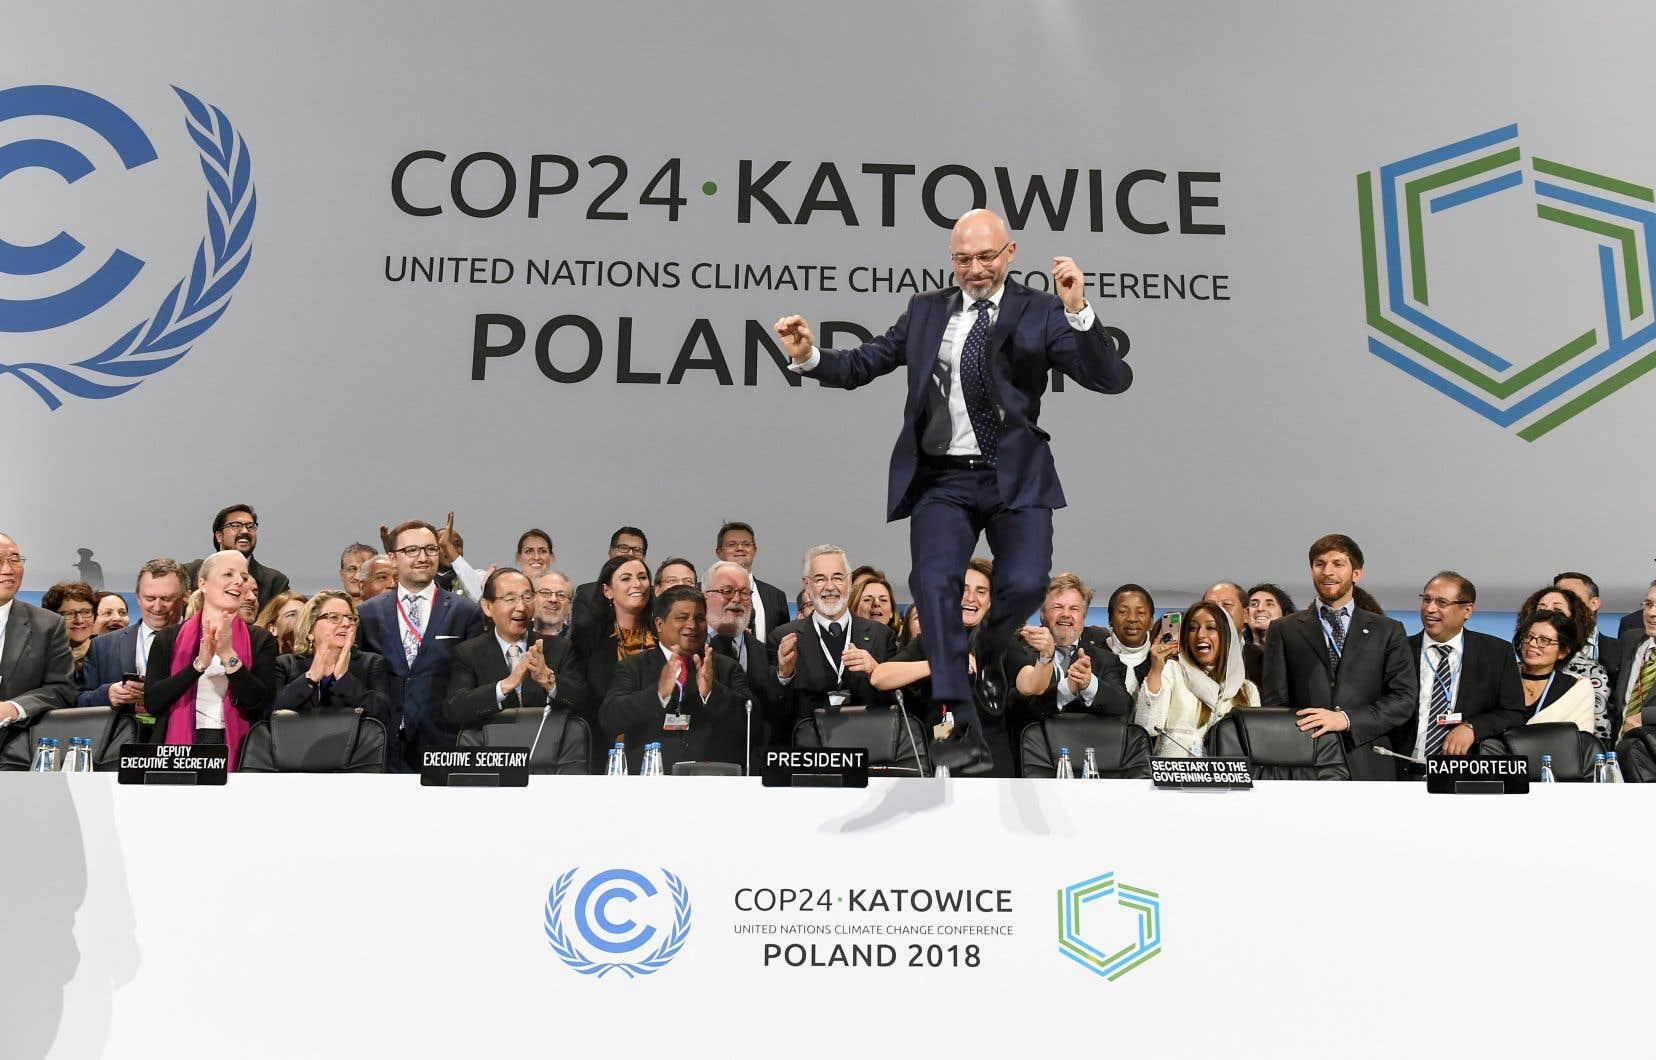 Le président de la COP24, Michal Kurtyka, a sauté par-dessus son bureau à la fin de la session finale du sommet sur le climat.